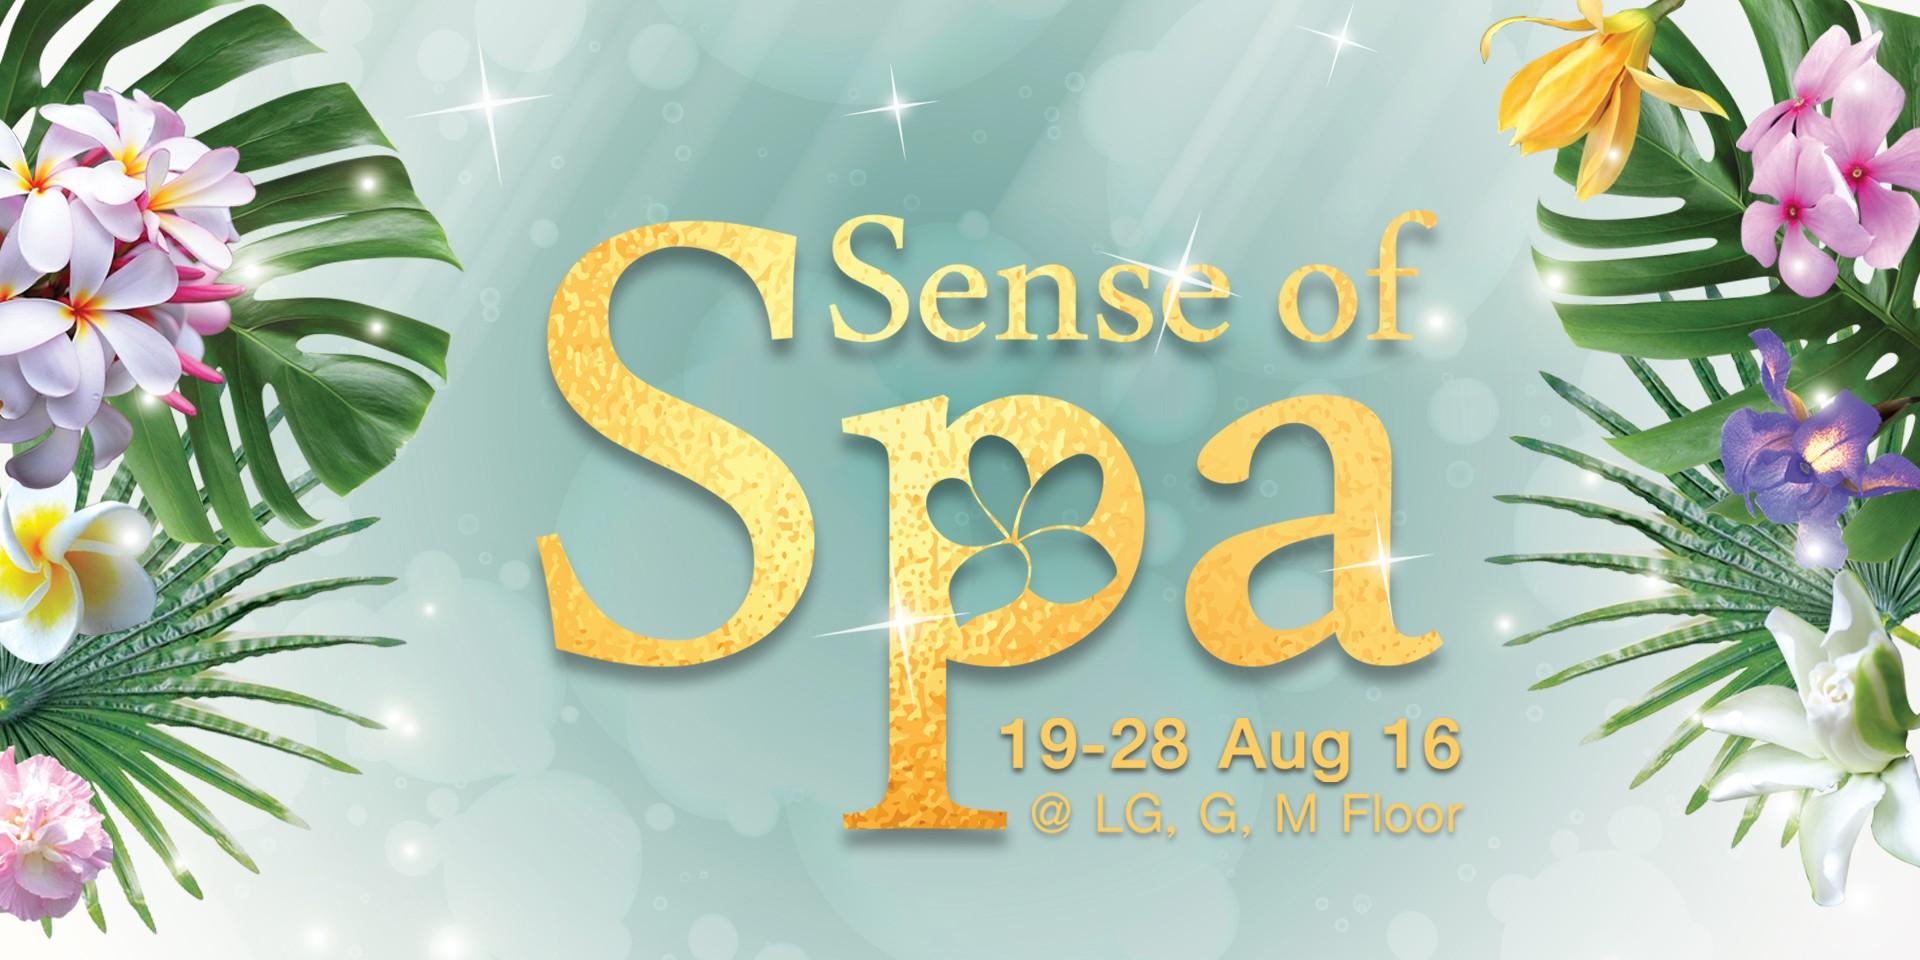 ได้เวลาผ่อนคลาย อีเว้นท์รวมสปาชั้นนำทั่วไทย ' Sense of Spa 2016 '